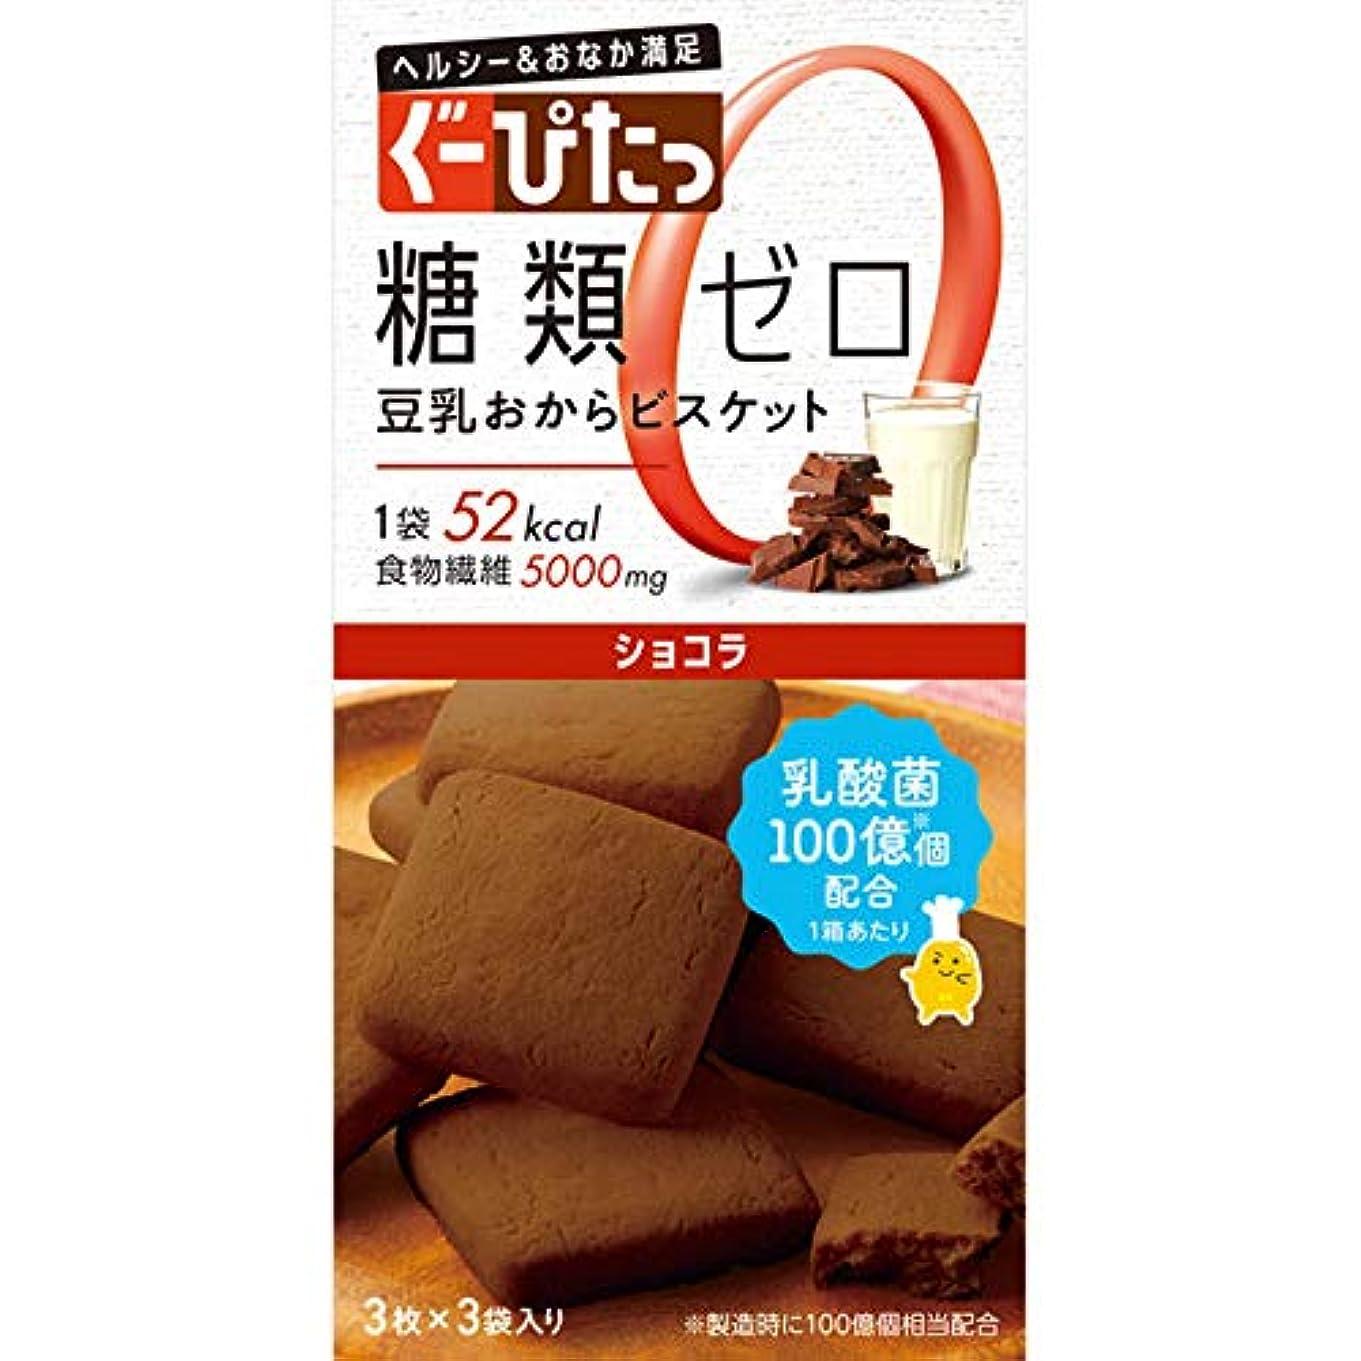 ご飯不道徳ガウンナリスアップ ぐーぴたっ 豆乳おからビスケット ショコラ (3枚×3袋) ダイエット食品